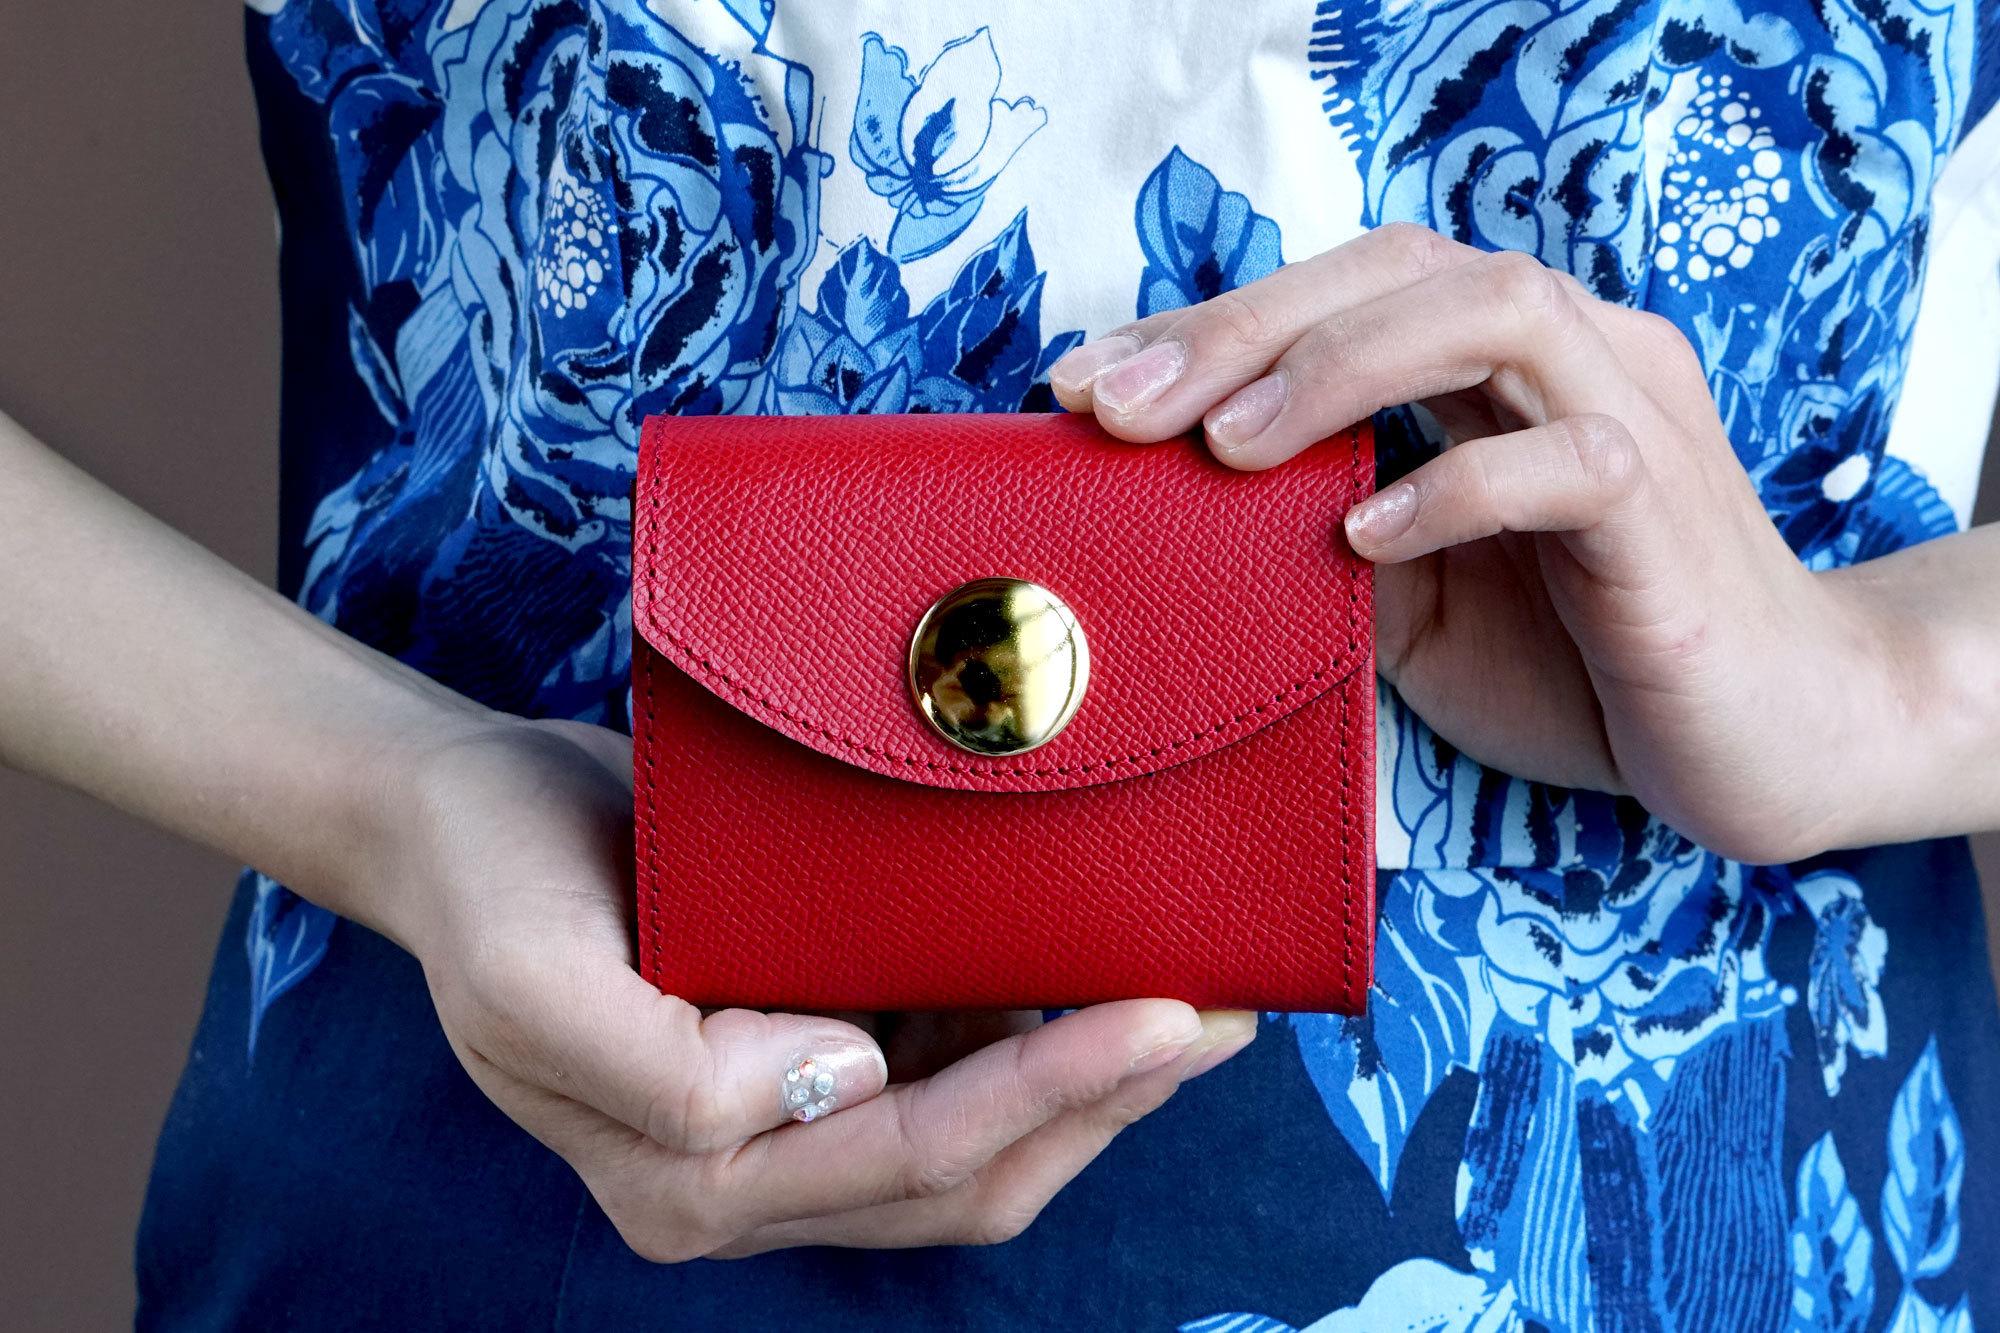 【新デザイン】身軽にキメたい時のコンパクト財布|ビッグボタン型/パーティーレザー・レッド